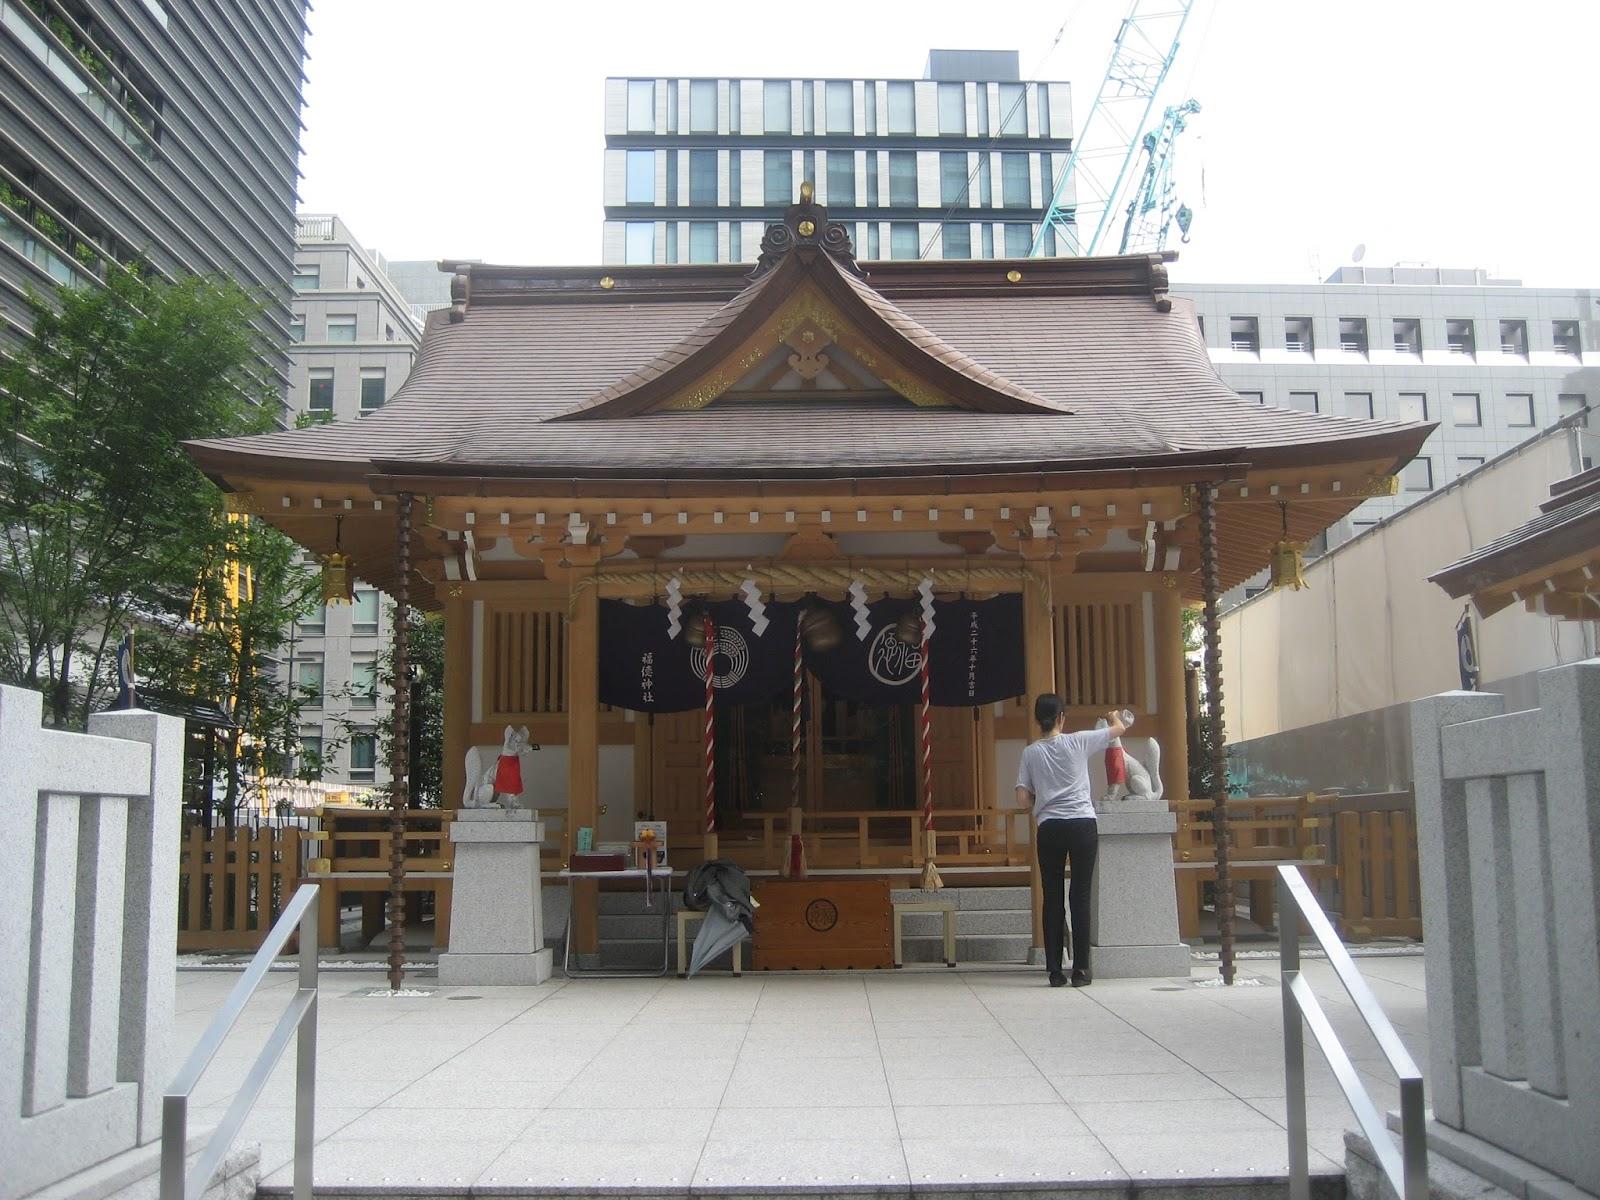 東京都 > 中央区の郵便番号一覧 - 日本郵便